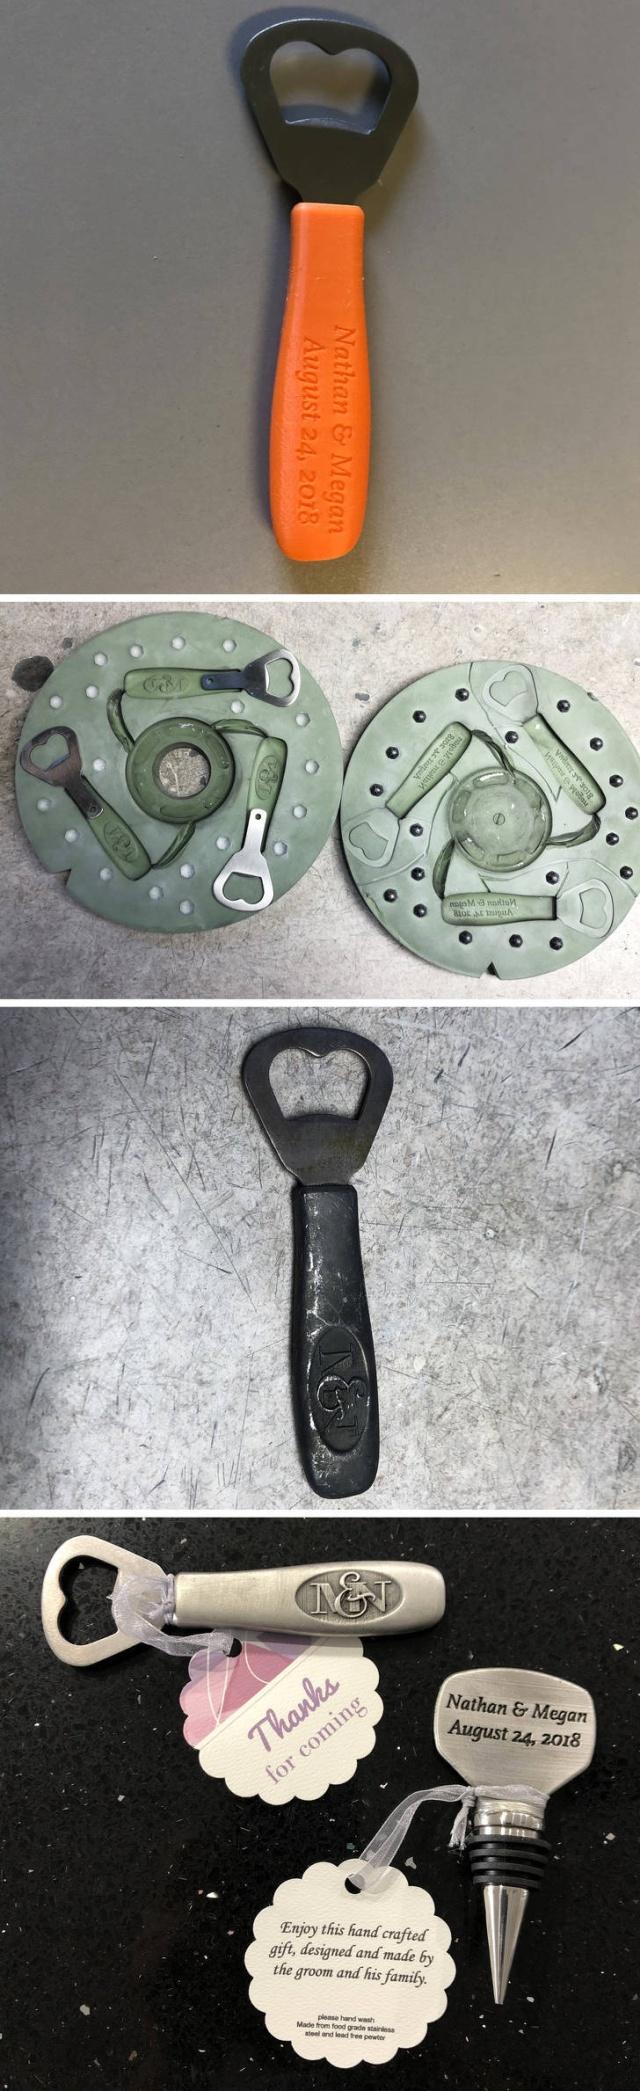 DIY Stuff (8 pics)